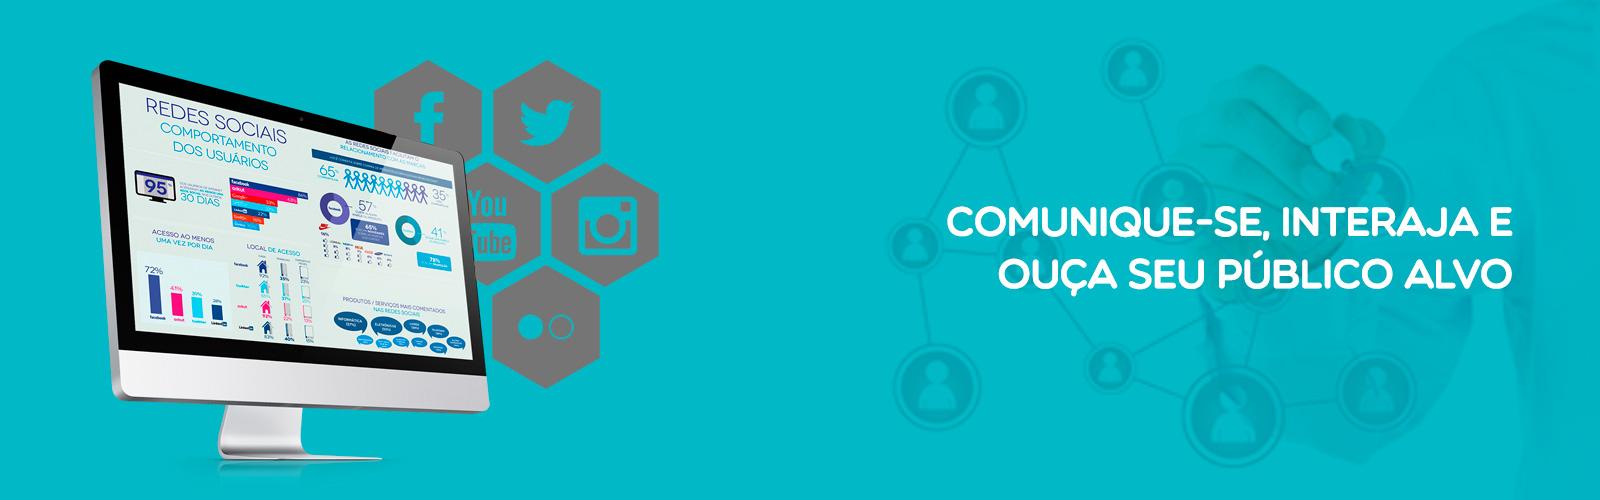 http://caducoelho.com.br/agenciadigital/wp-content/uploads/2016/11/Comunique-se-interaja-e-ouça-seu-publico-alvo-1.jpg